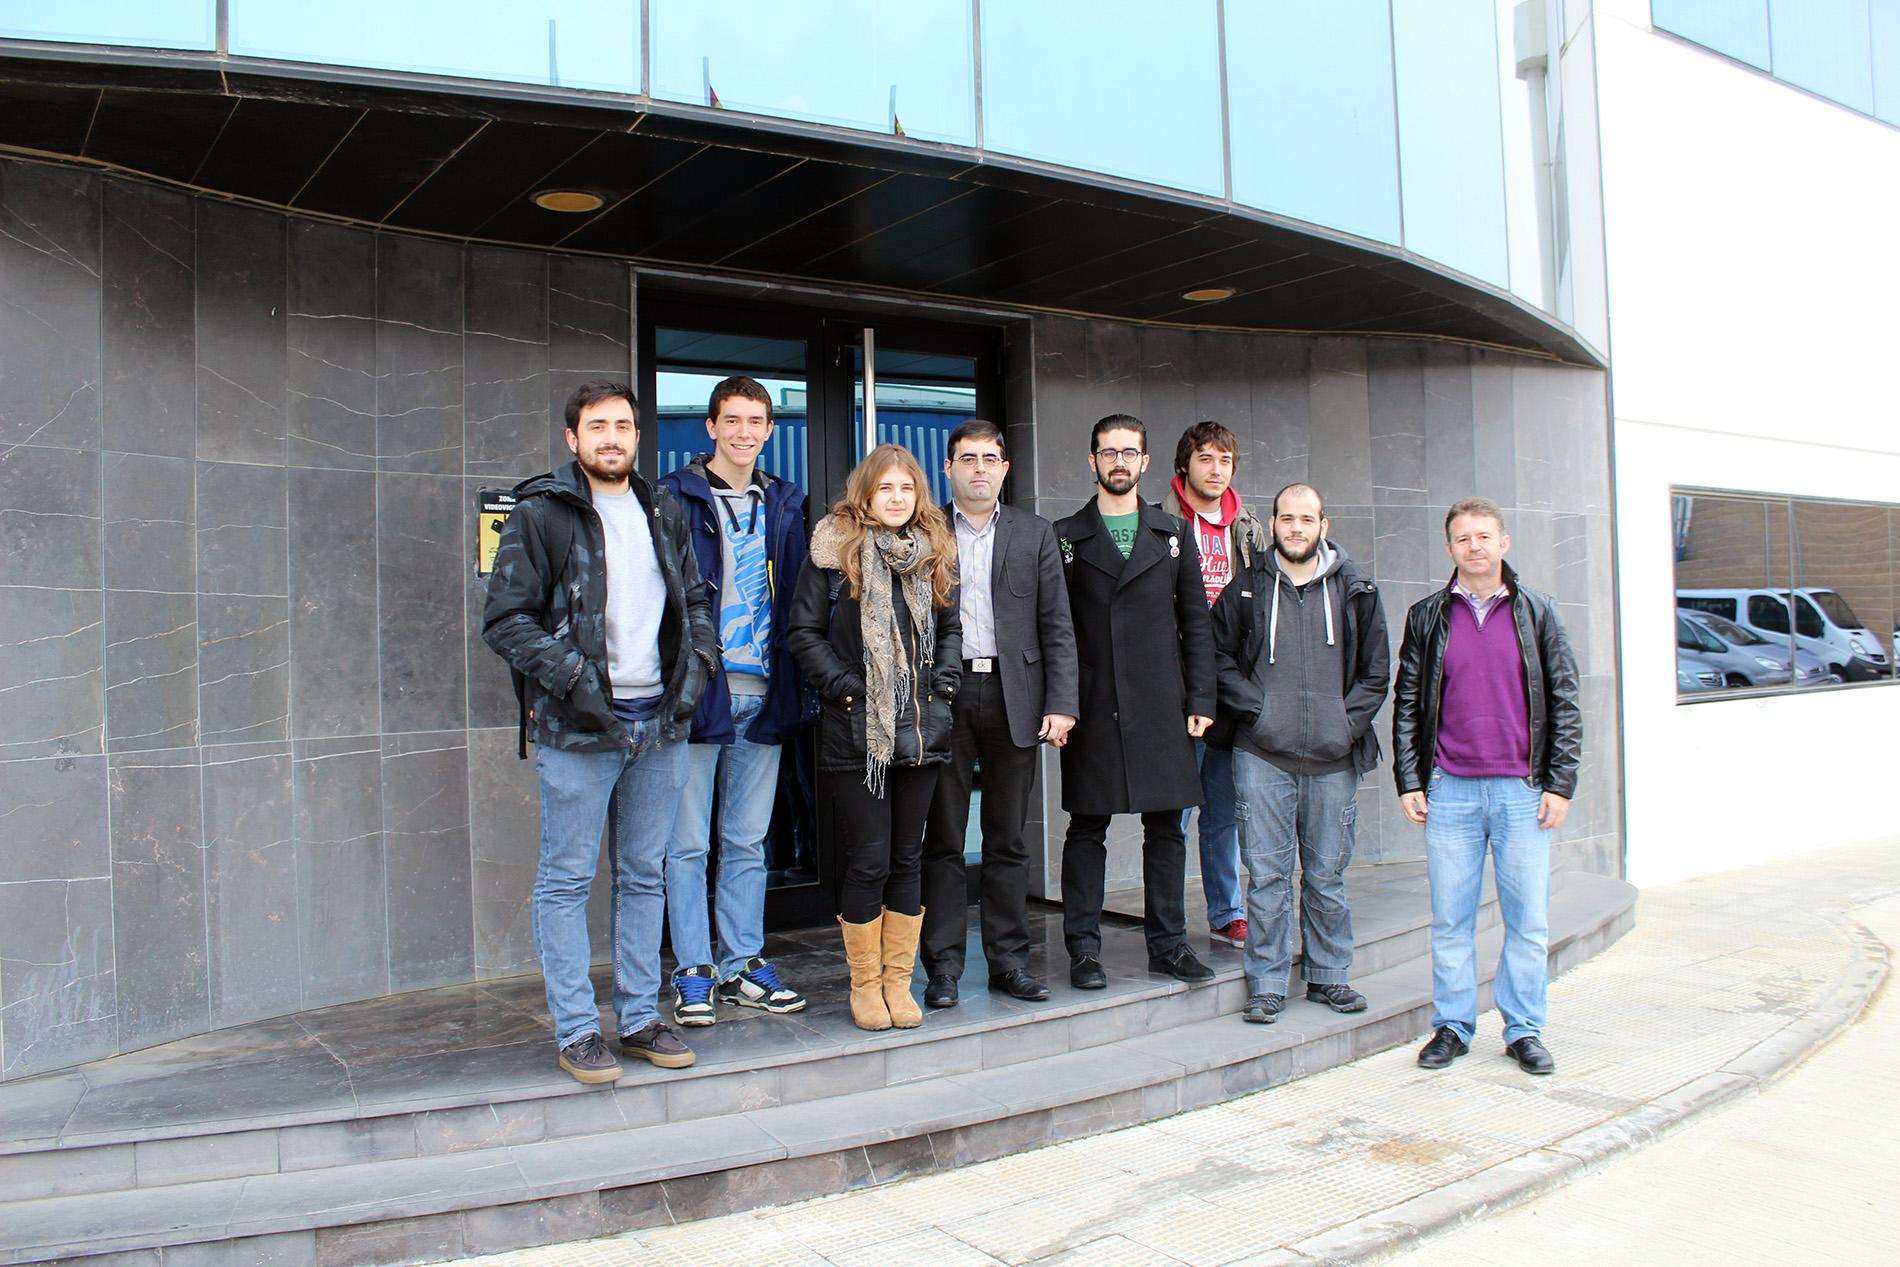 Alumnos de ciencias Físicas junto con el director de I+D+i (en el centro)en las puertas del edificio corporativo de TELNET